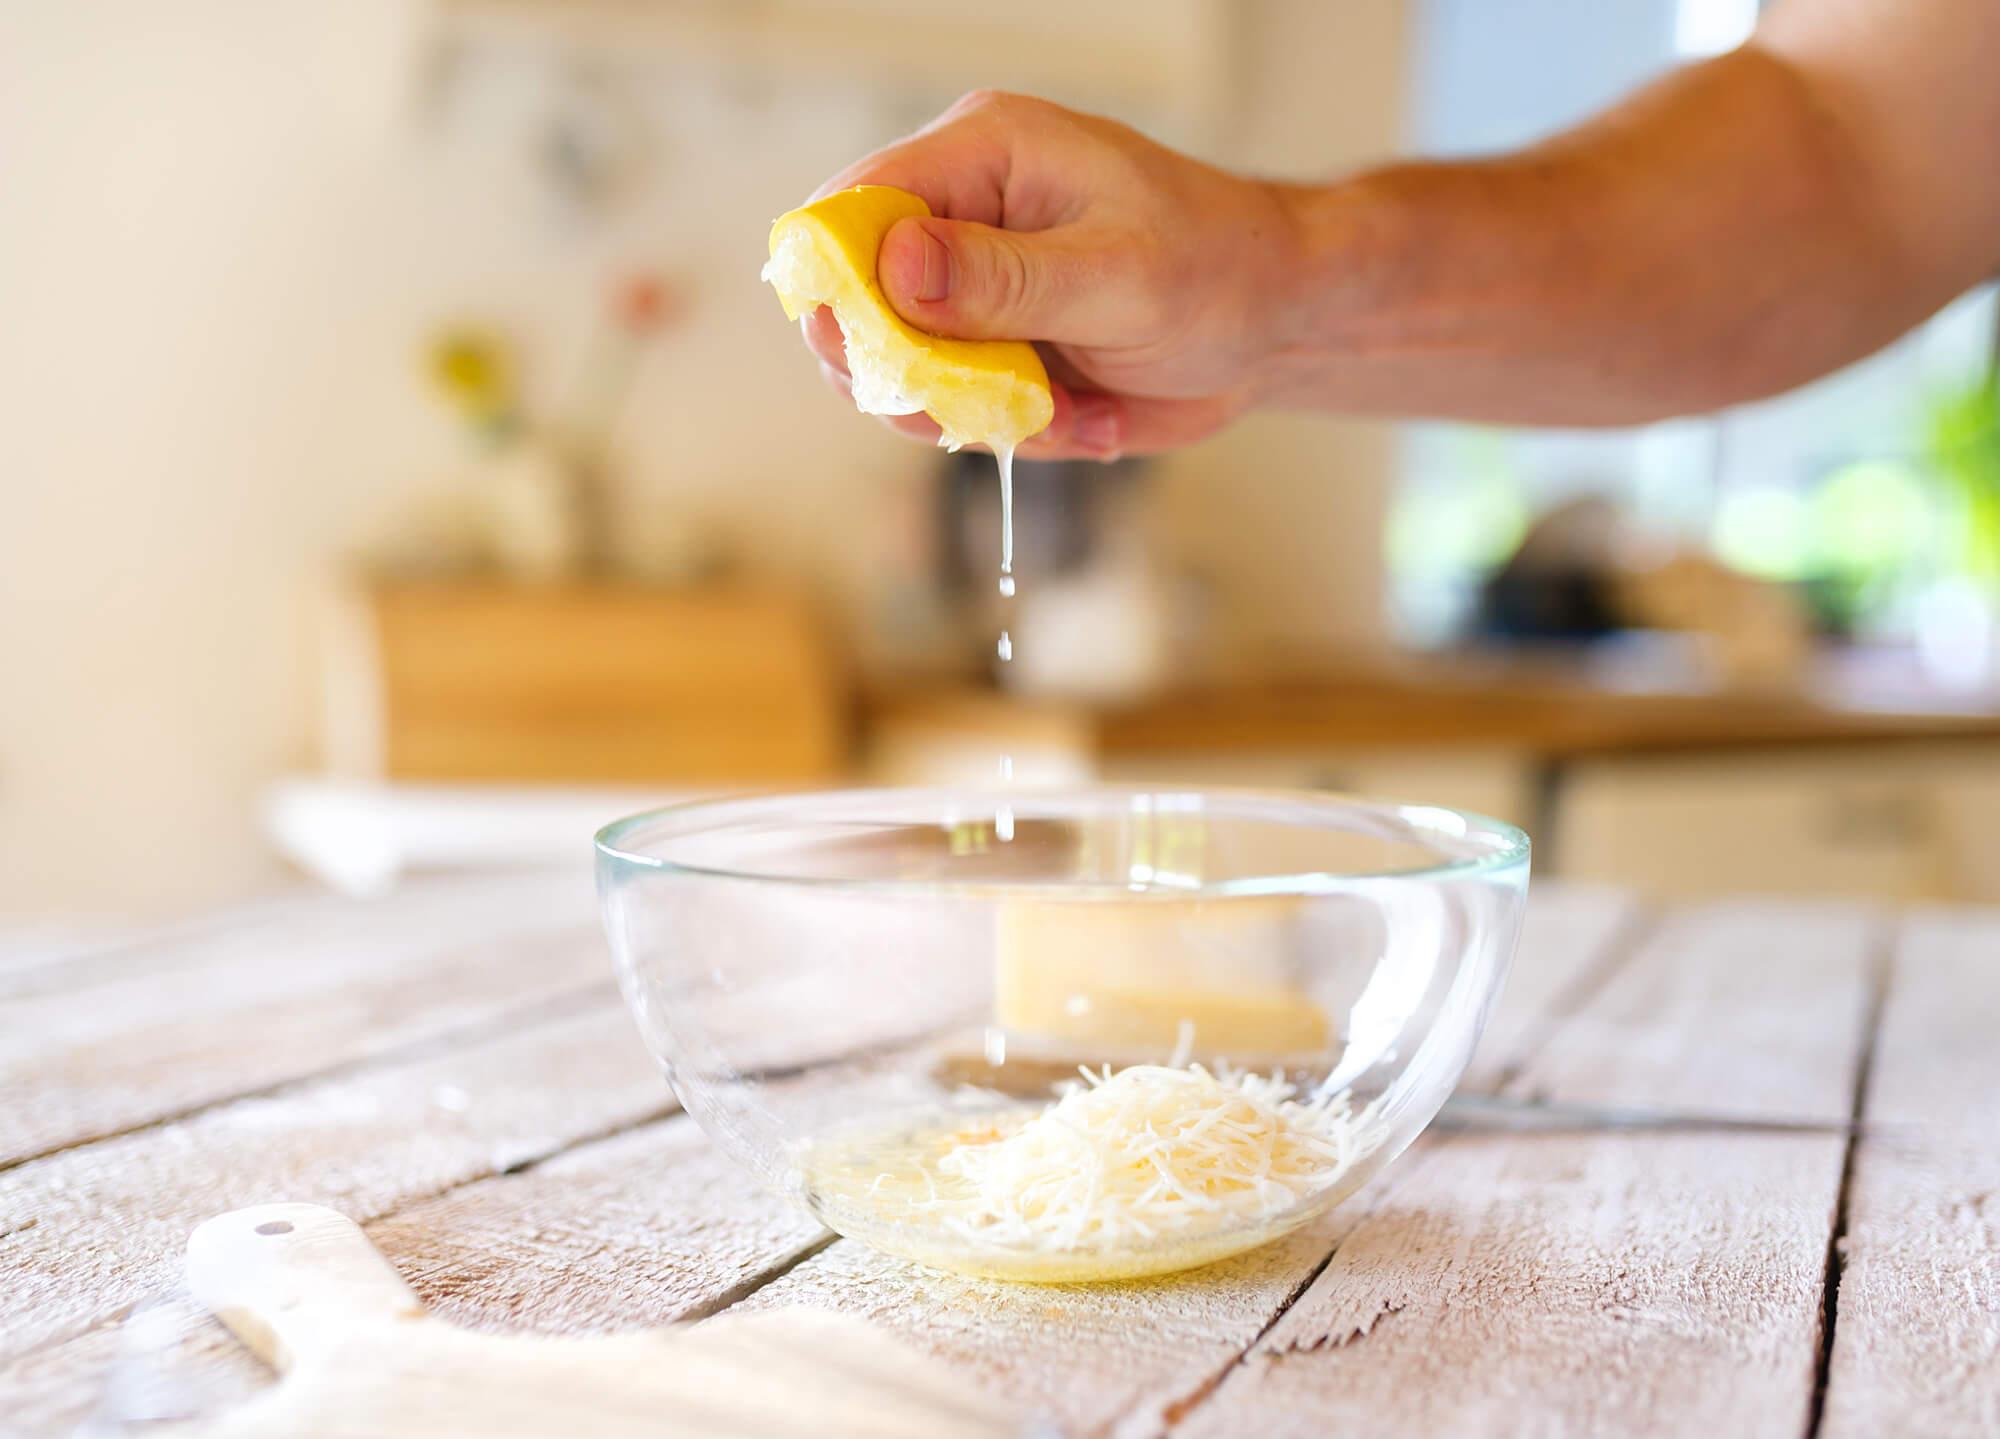 レモン汁の代用に!クエン酸を使った本格スイーツレシピ